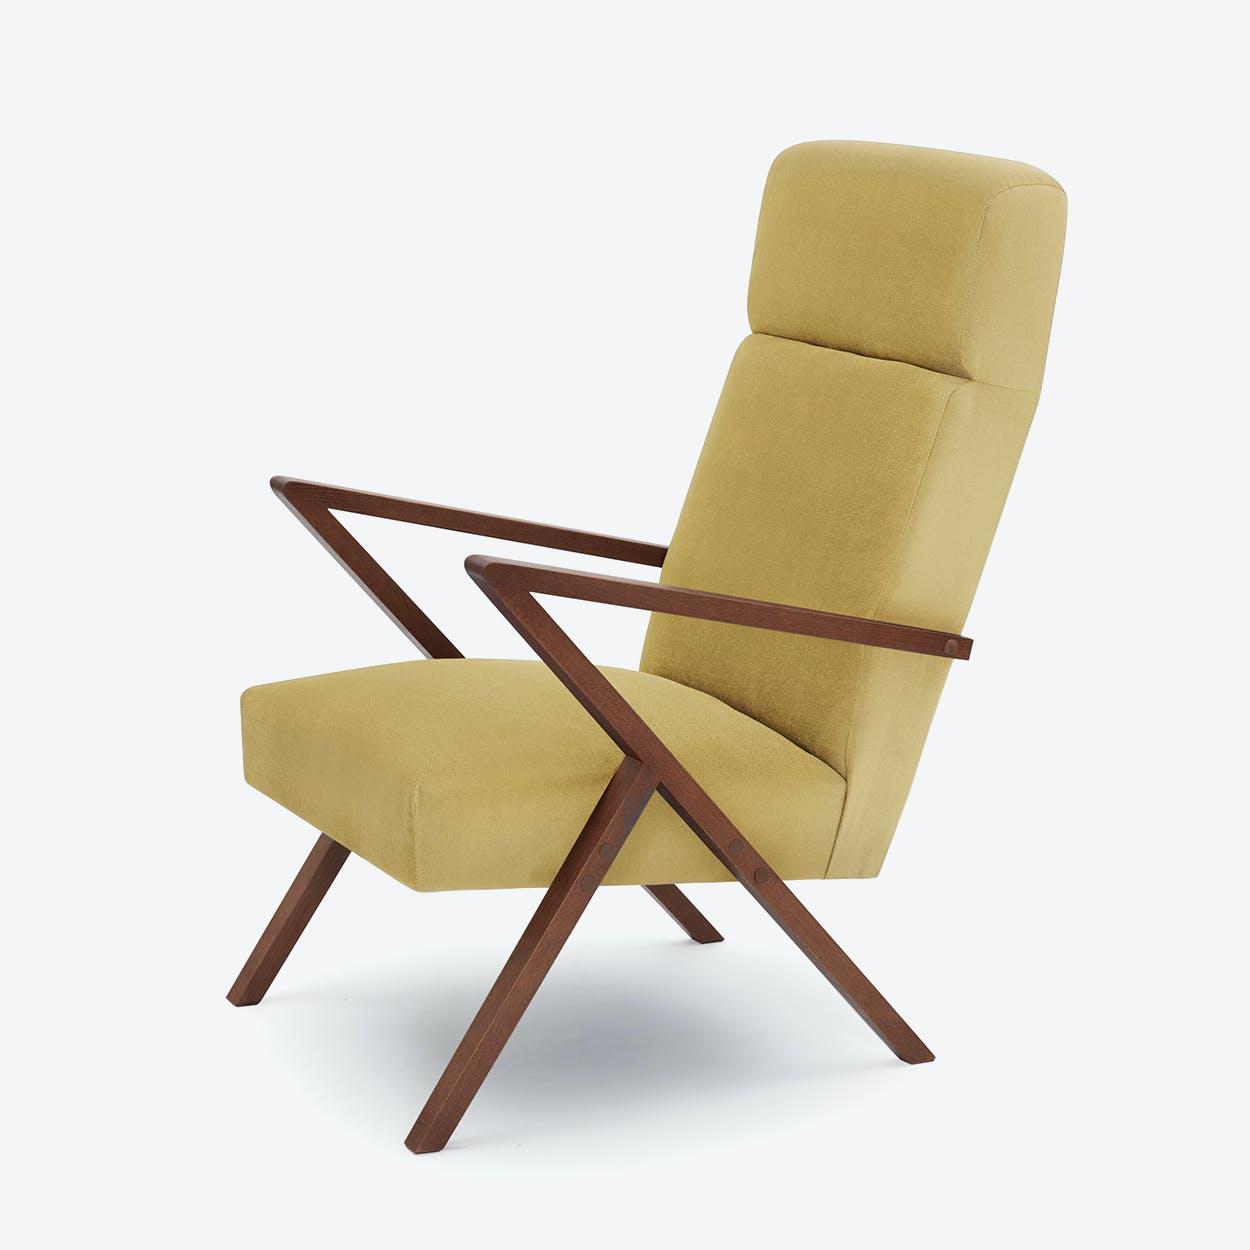 Retrostar Lounge Chair - Velvet-Line in Lemon-Yellow